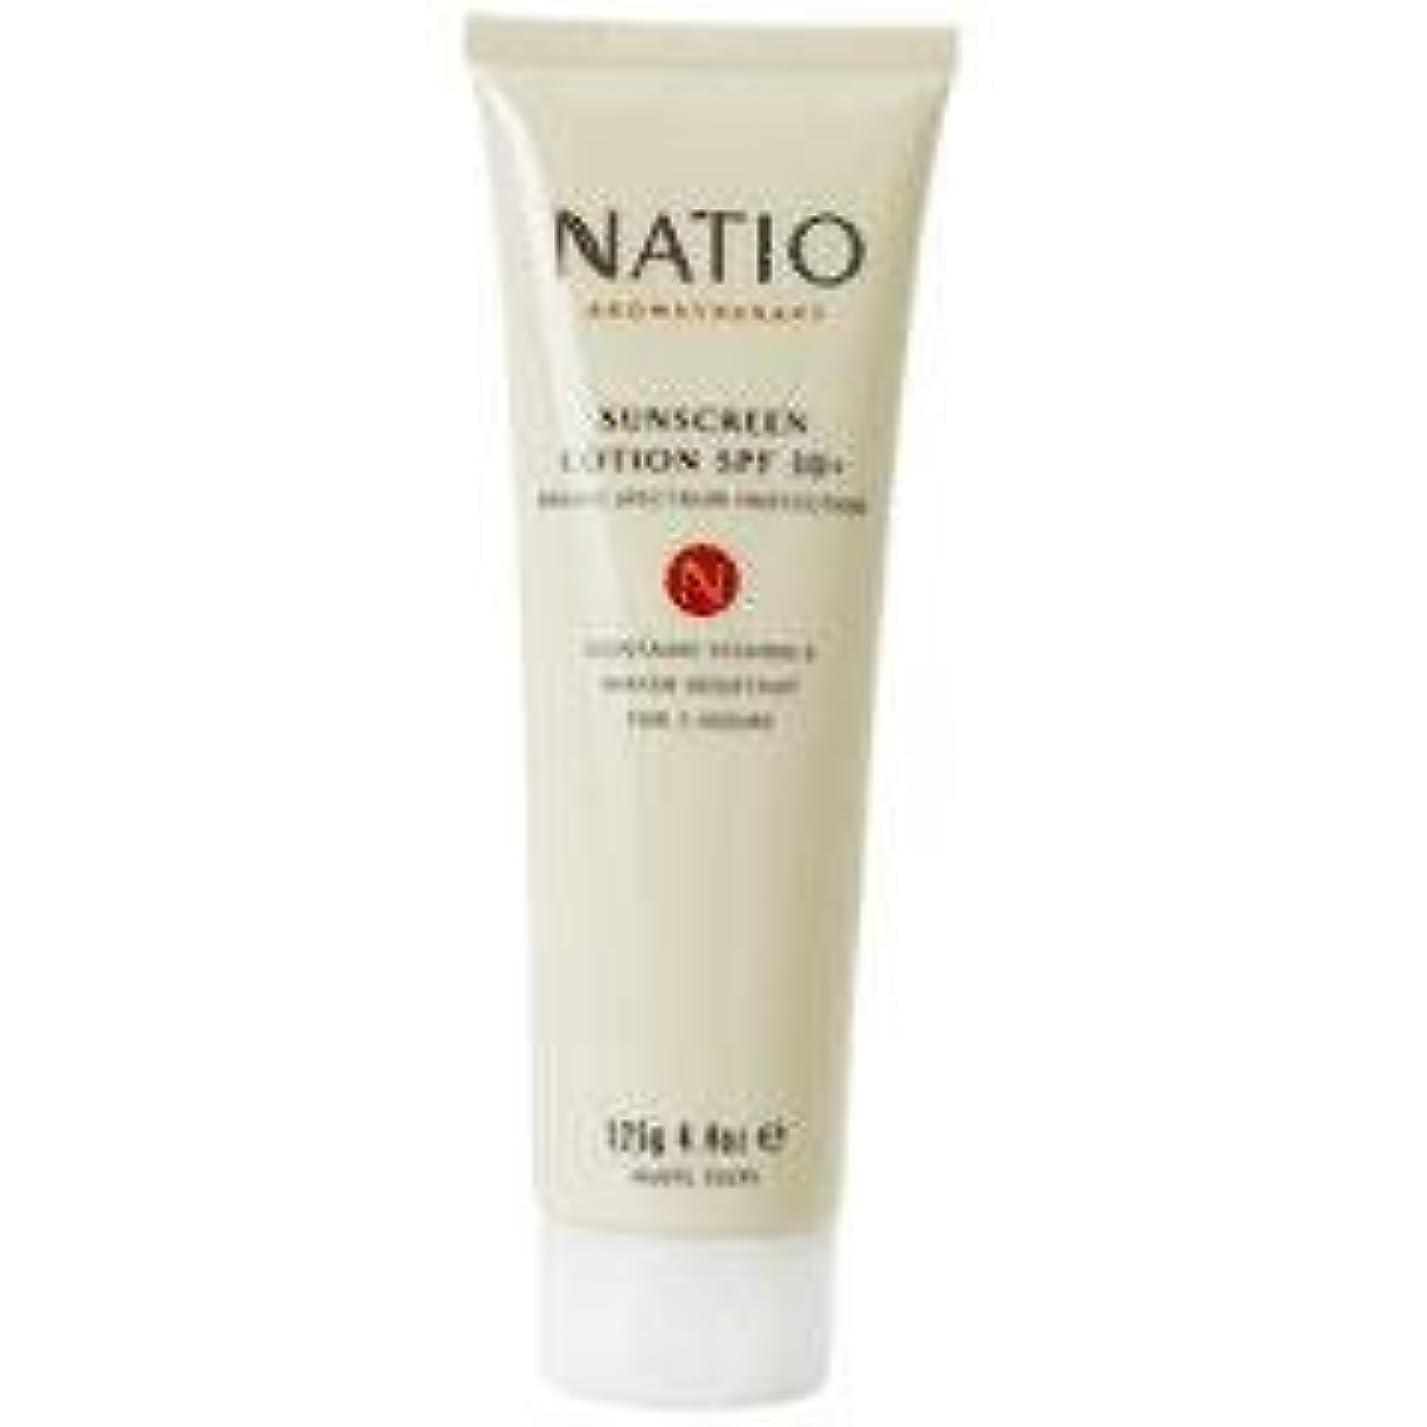 以前は通知男【NATIO Aromatherapy Sunscreen Lotion SPF30+】 ナティオ  日焼け止めクリーム SPF30+ [海外直送品]